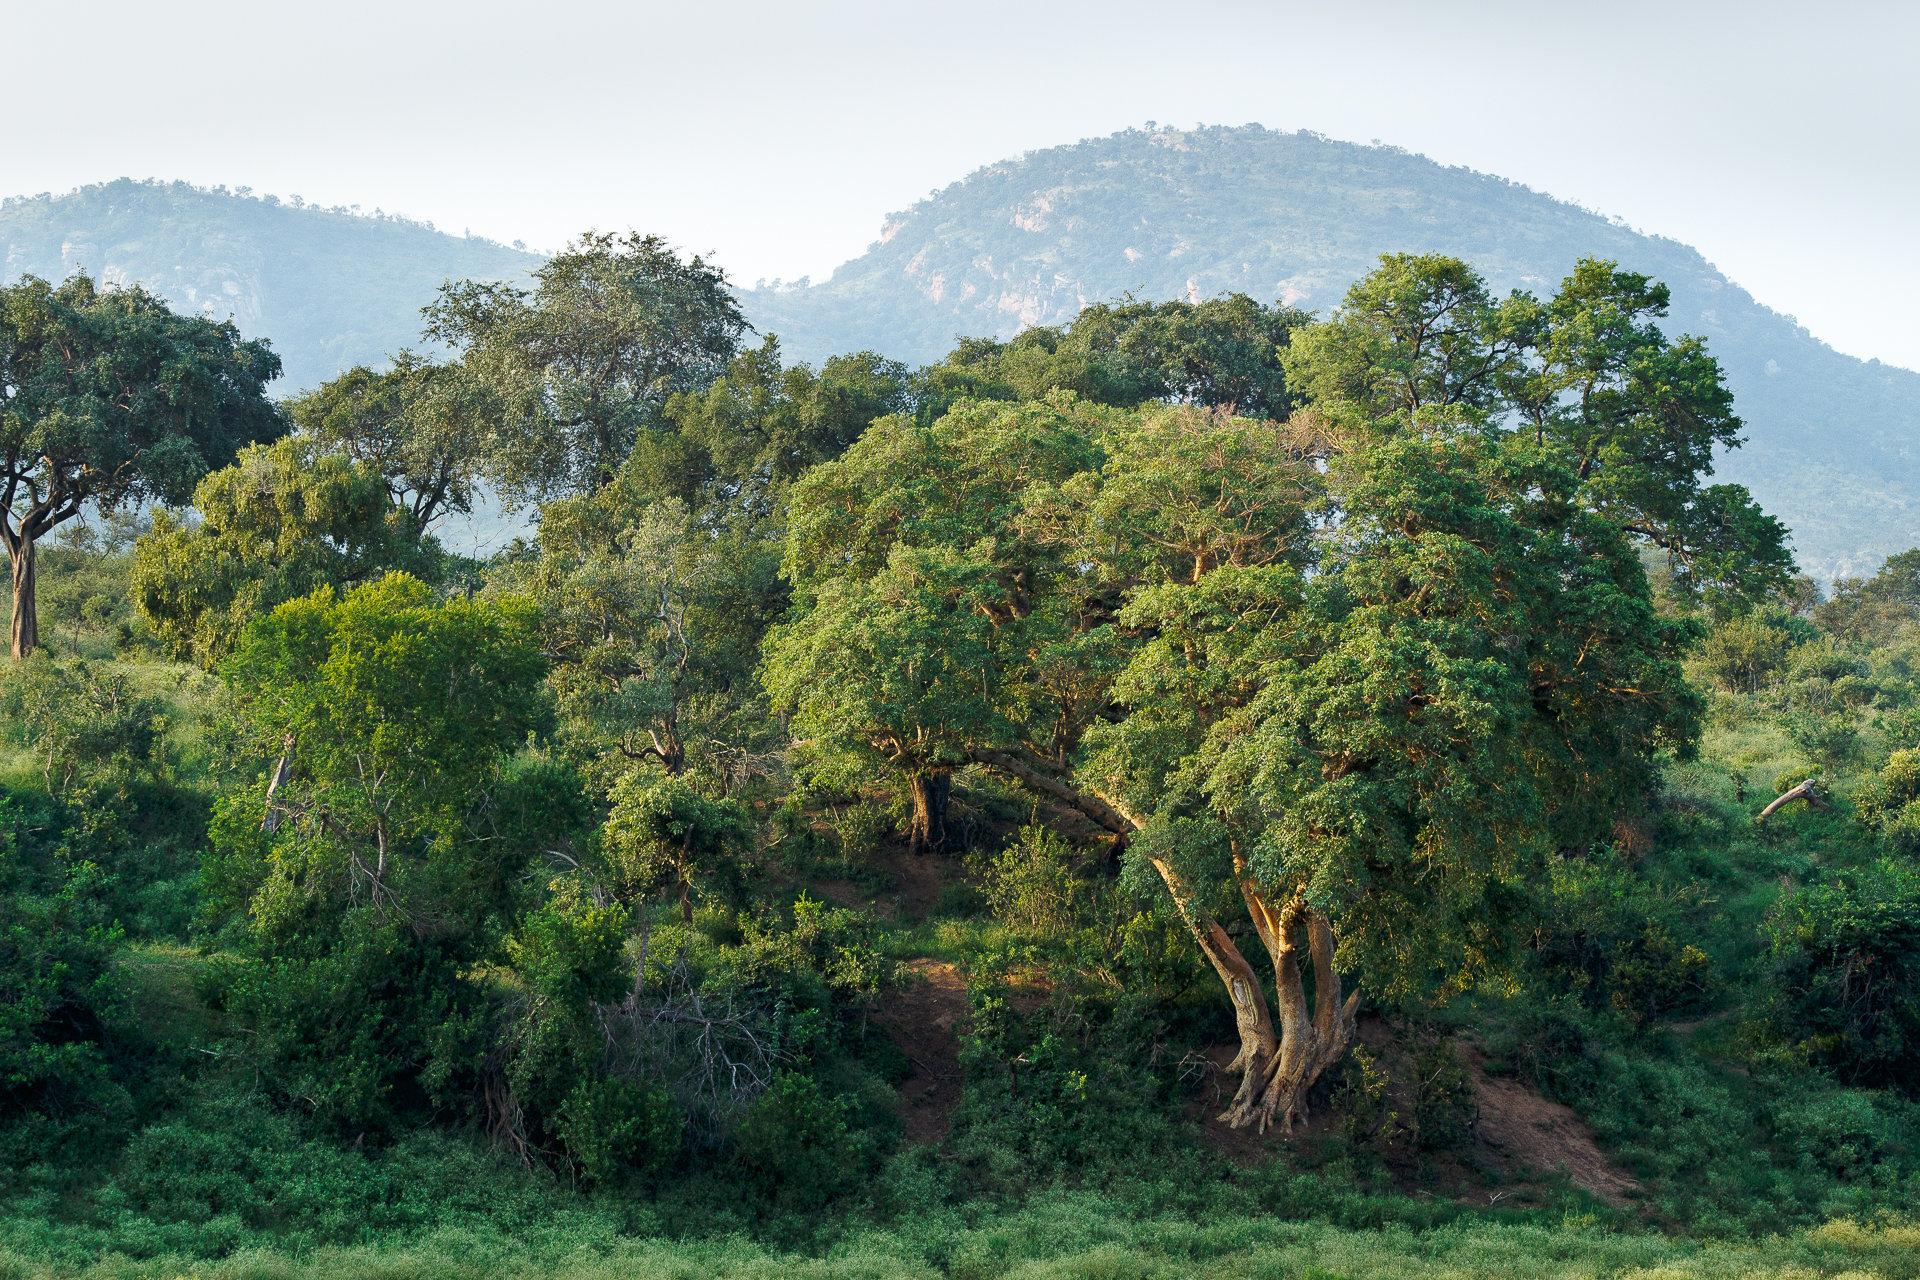 170301_SAfrica-1989PS.jpg